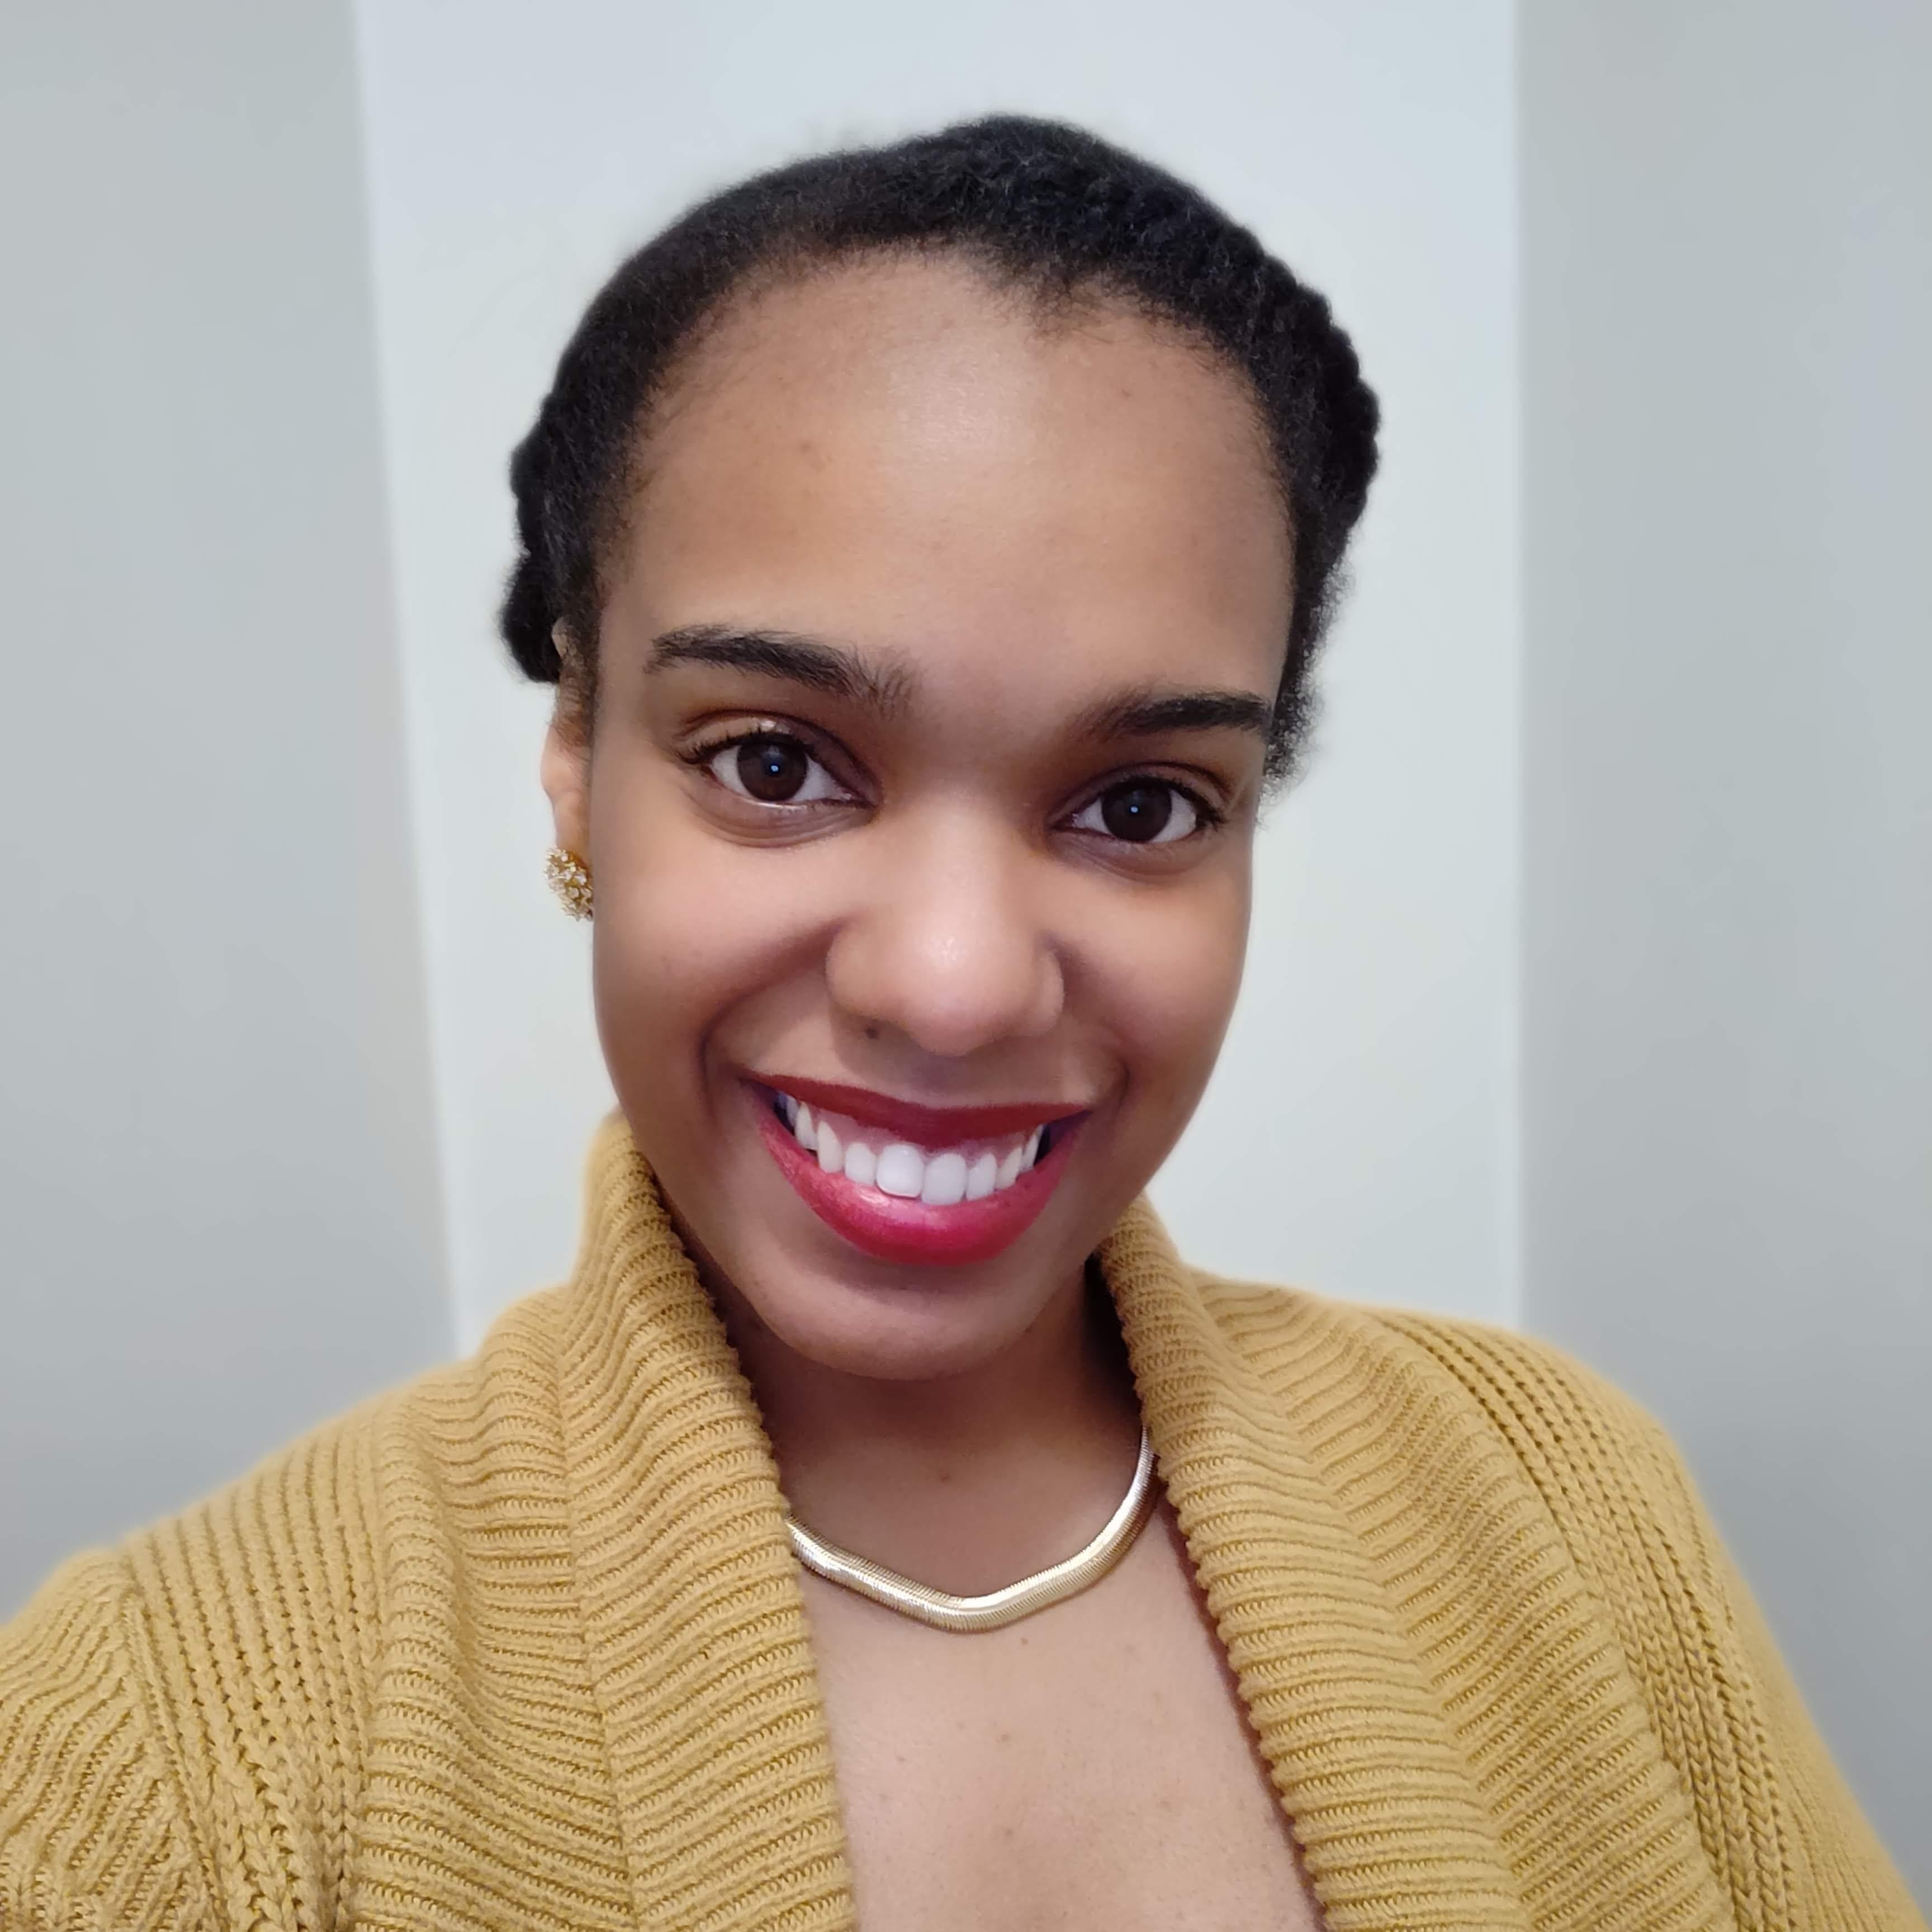 Sarah Whitney smiling